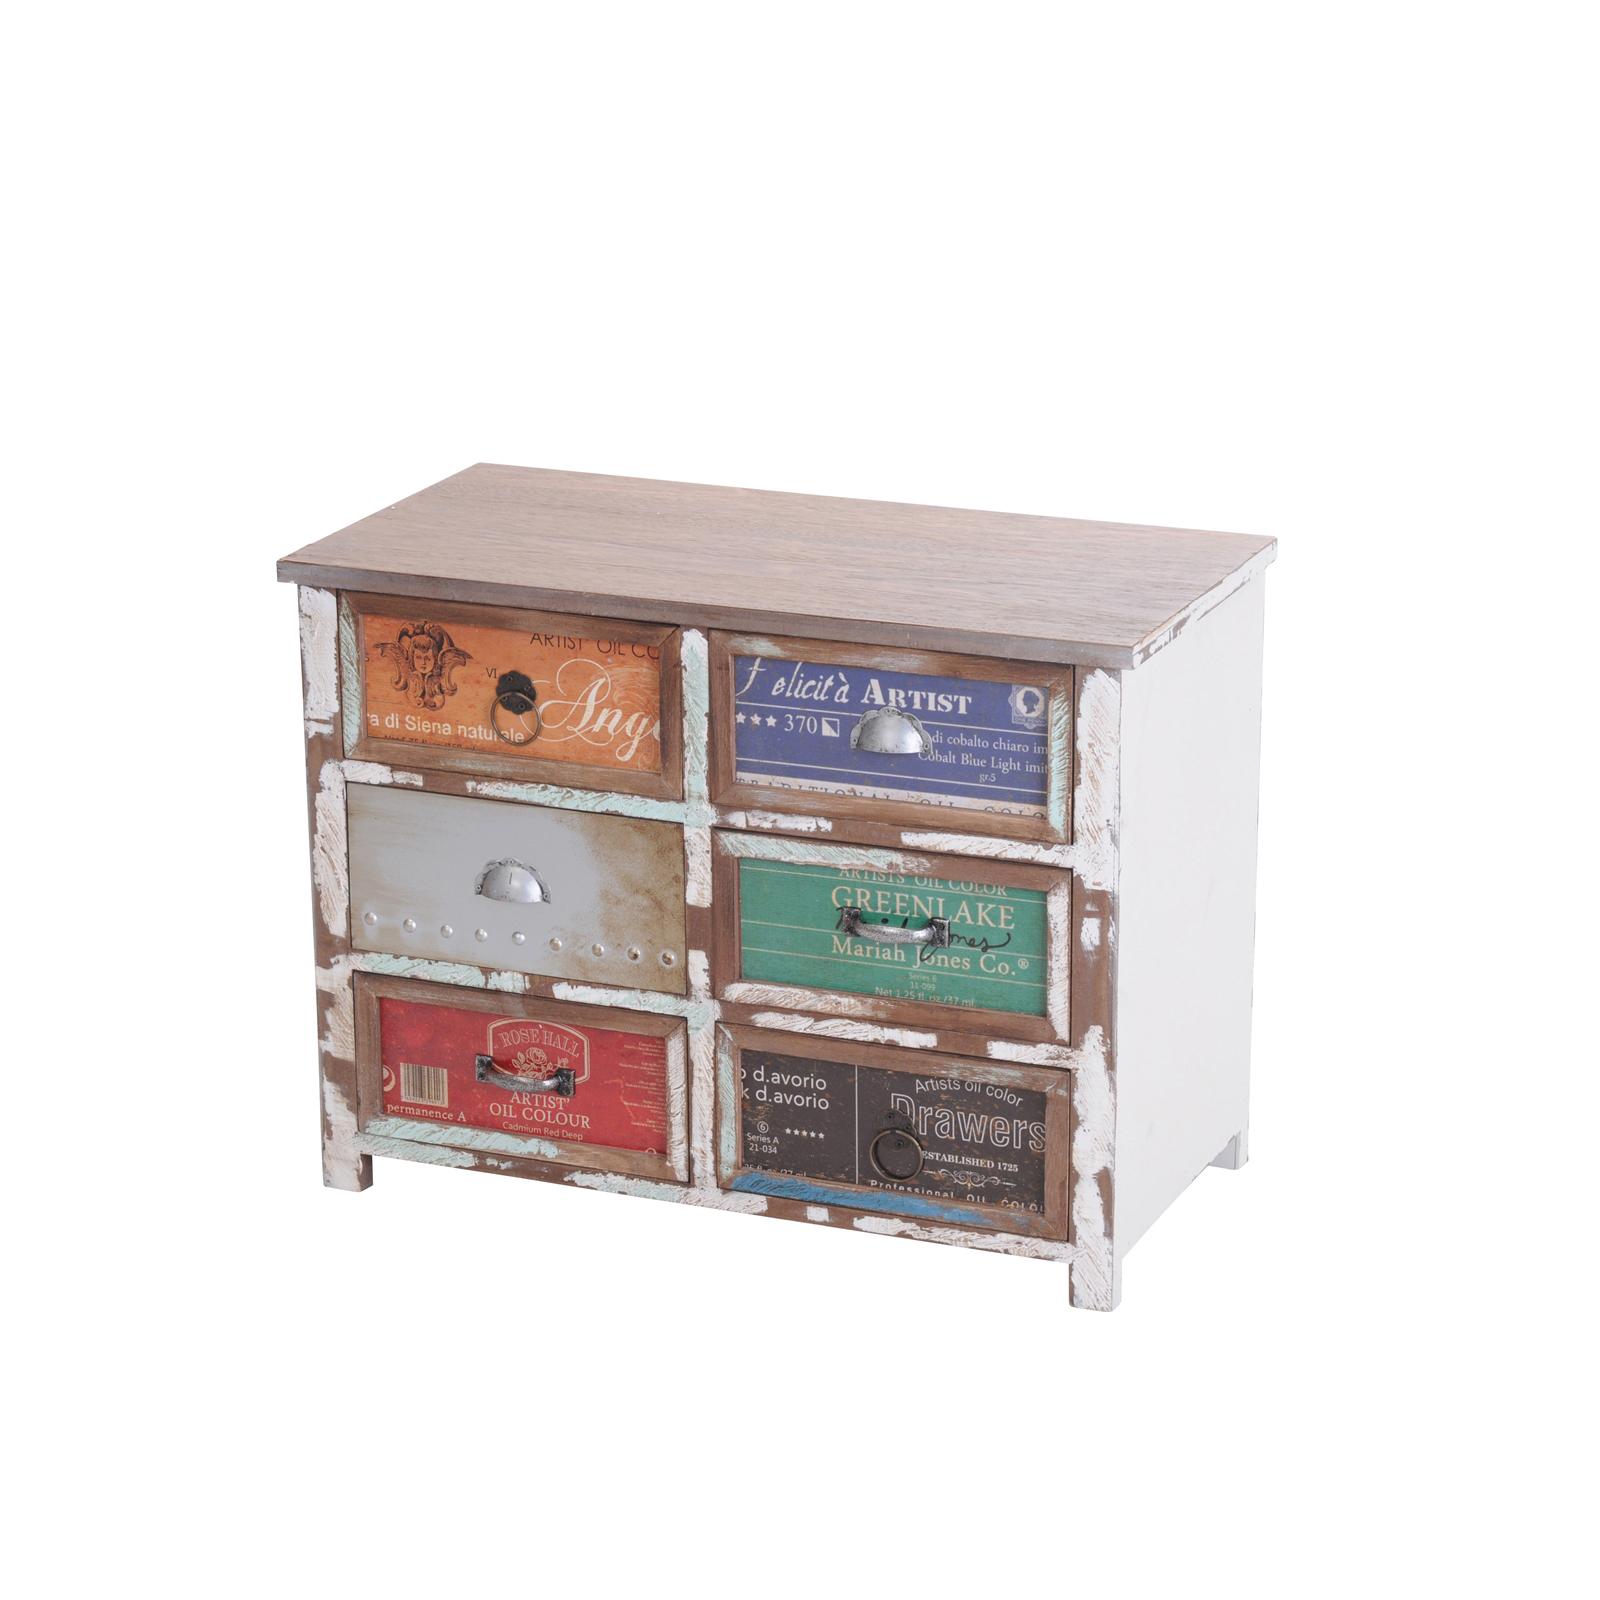 kommode favor sideboard schrank schubladen holzschrank holz shabby chic bunt ebay. Black Bedroom Furniture Sets. Home Design Ideas